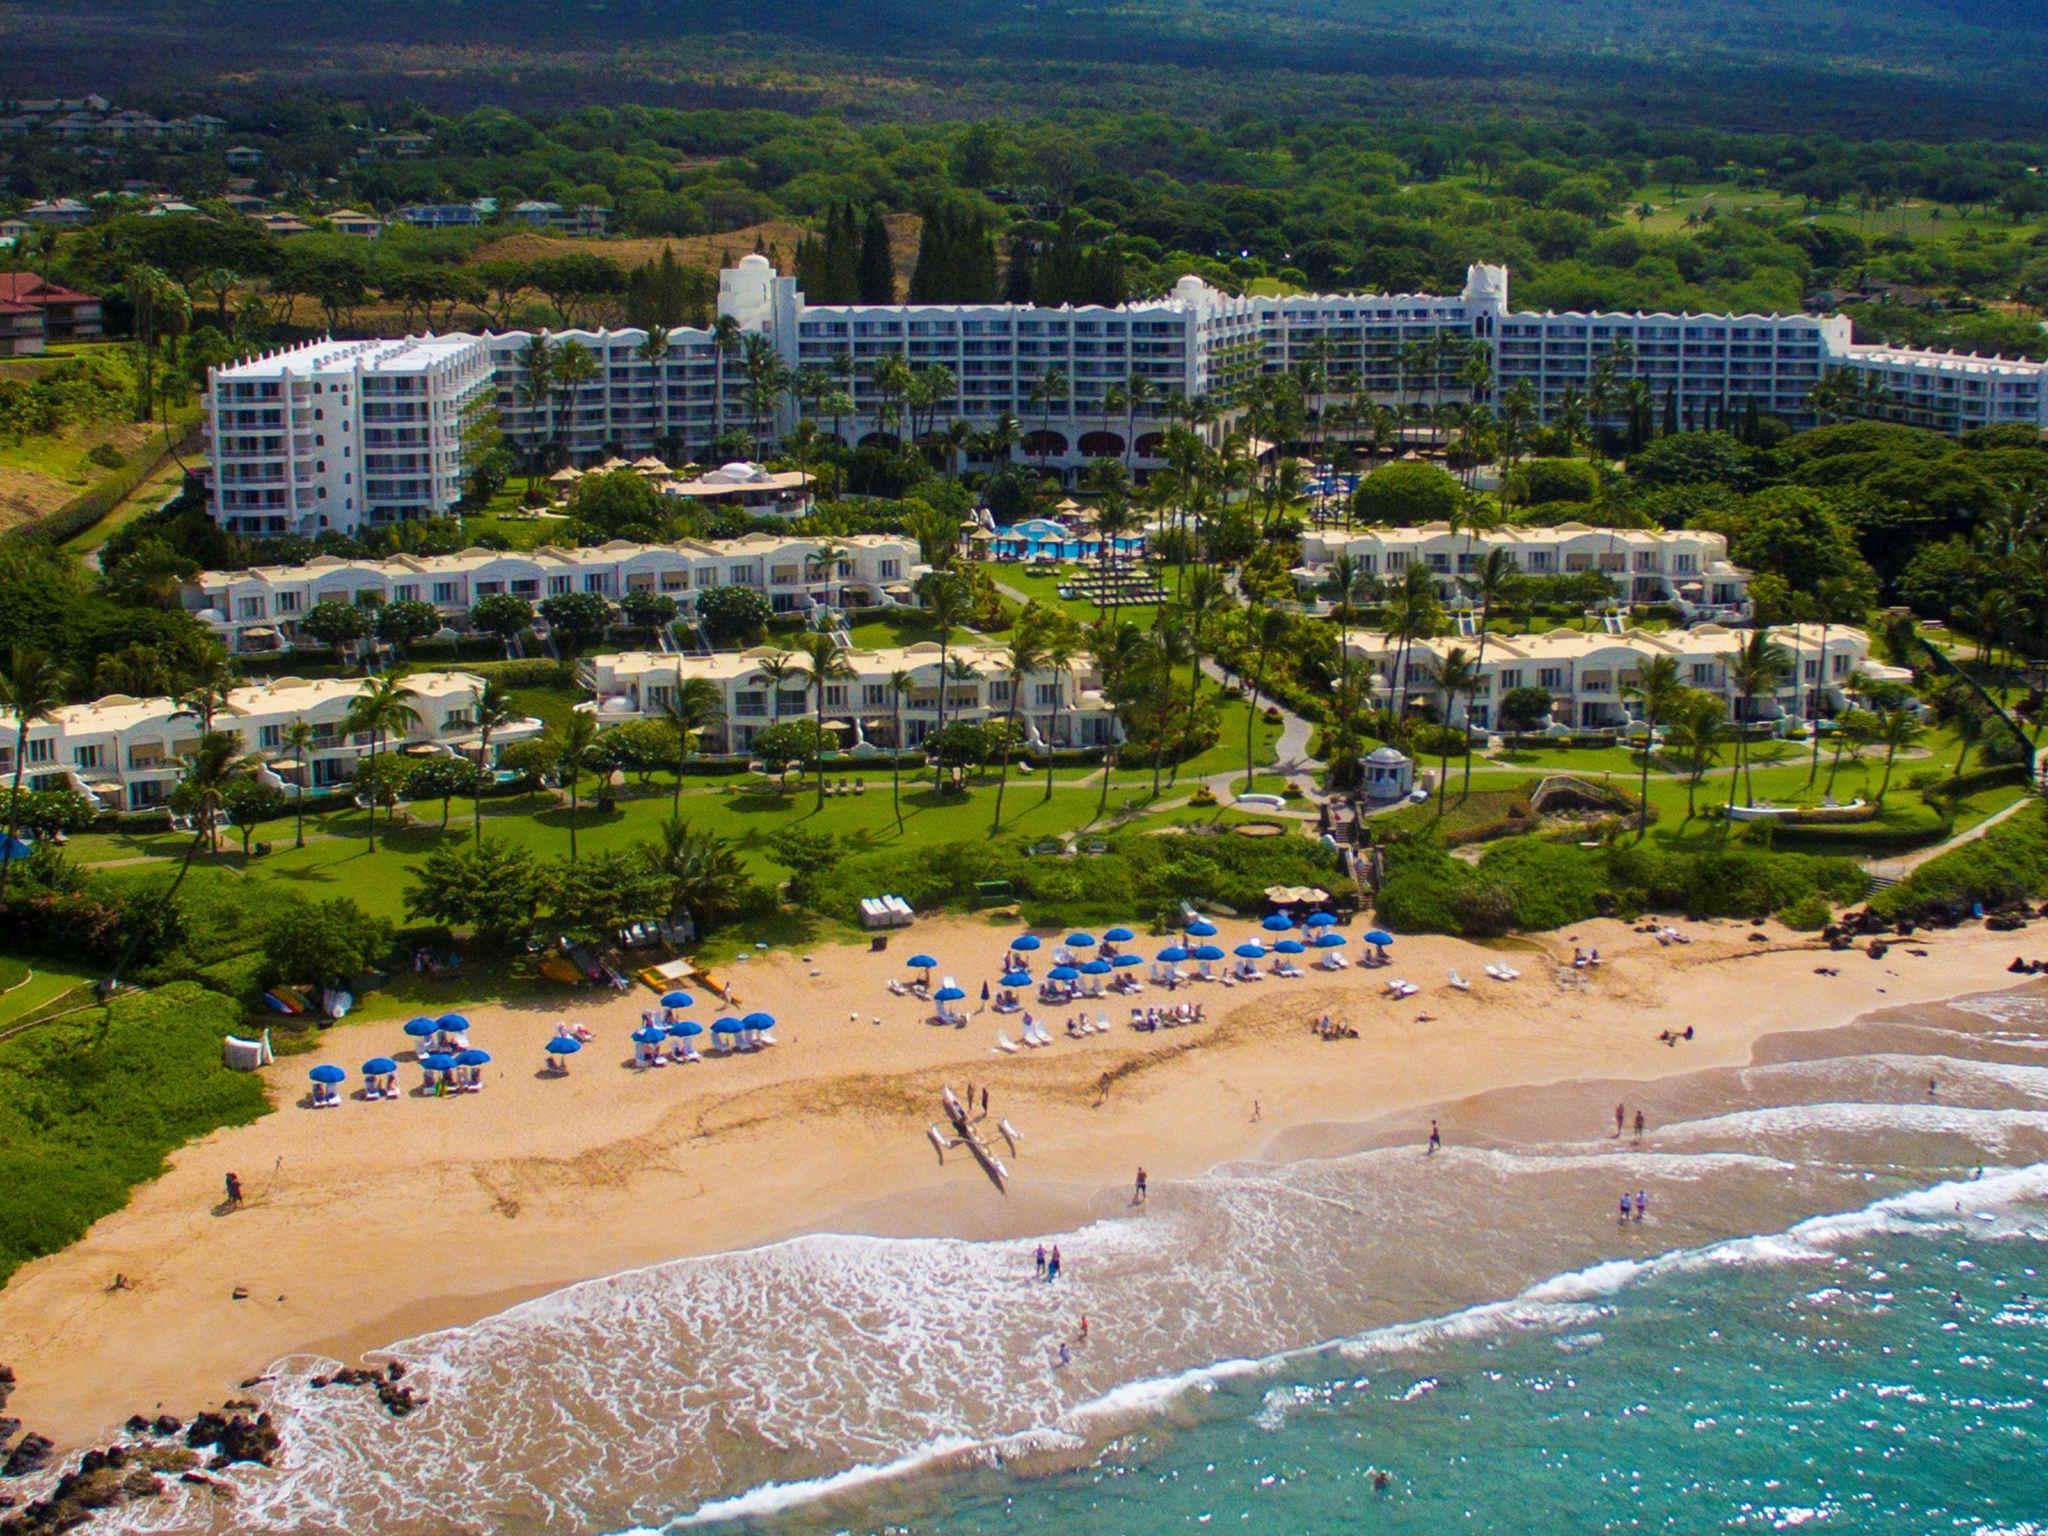 Hotell – Fairmont Kea Lani - Maui